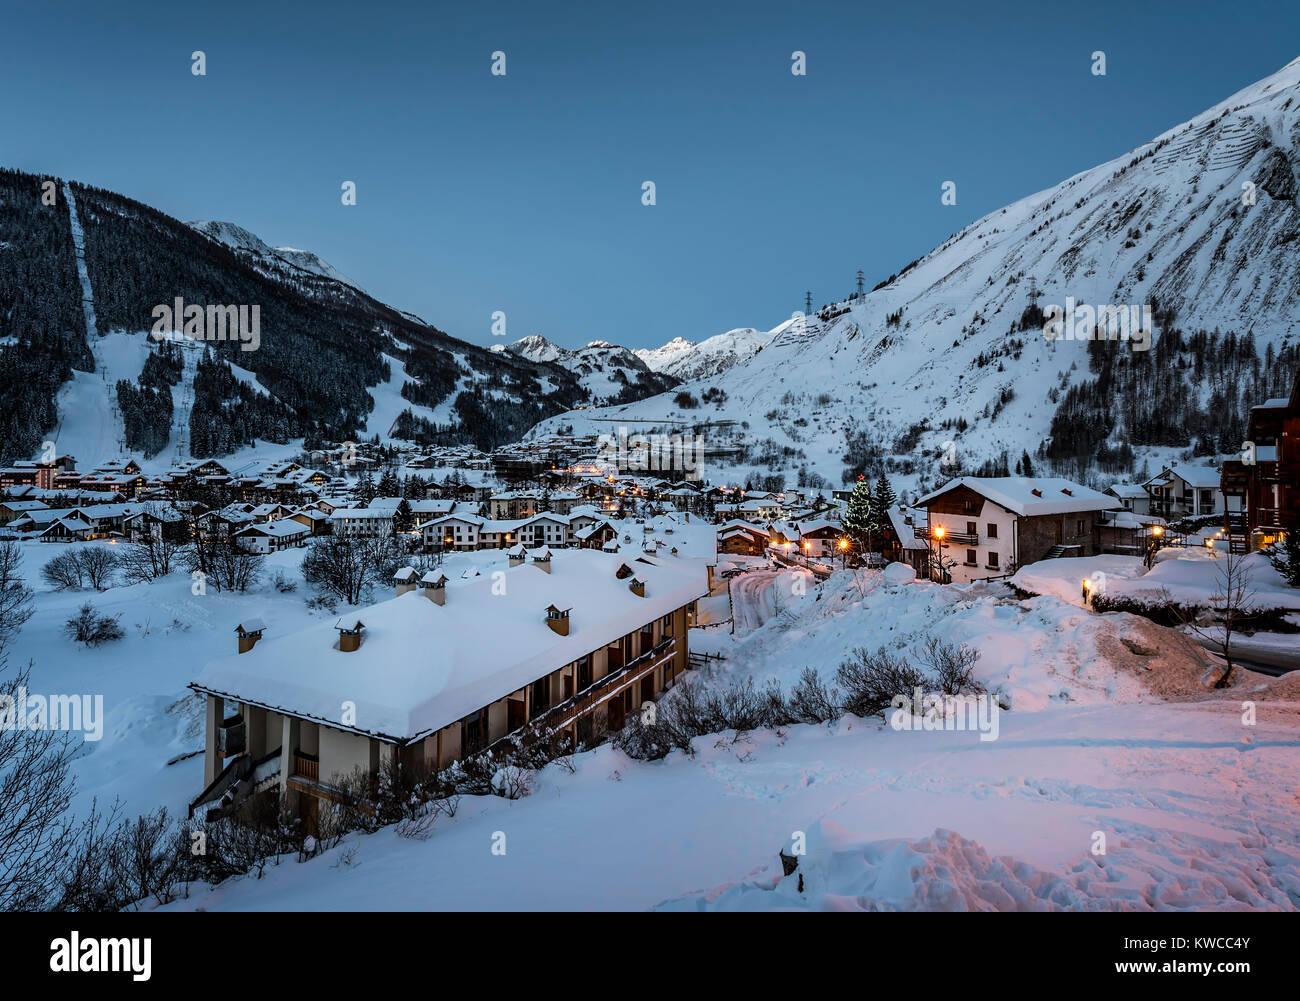 L'arrivo del giorno in una innevatissima La Thuile, Val d'Aosta - Stock Image